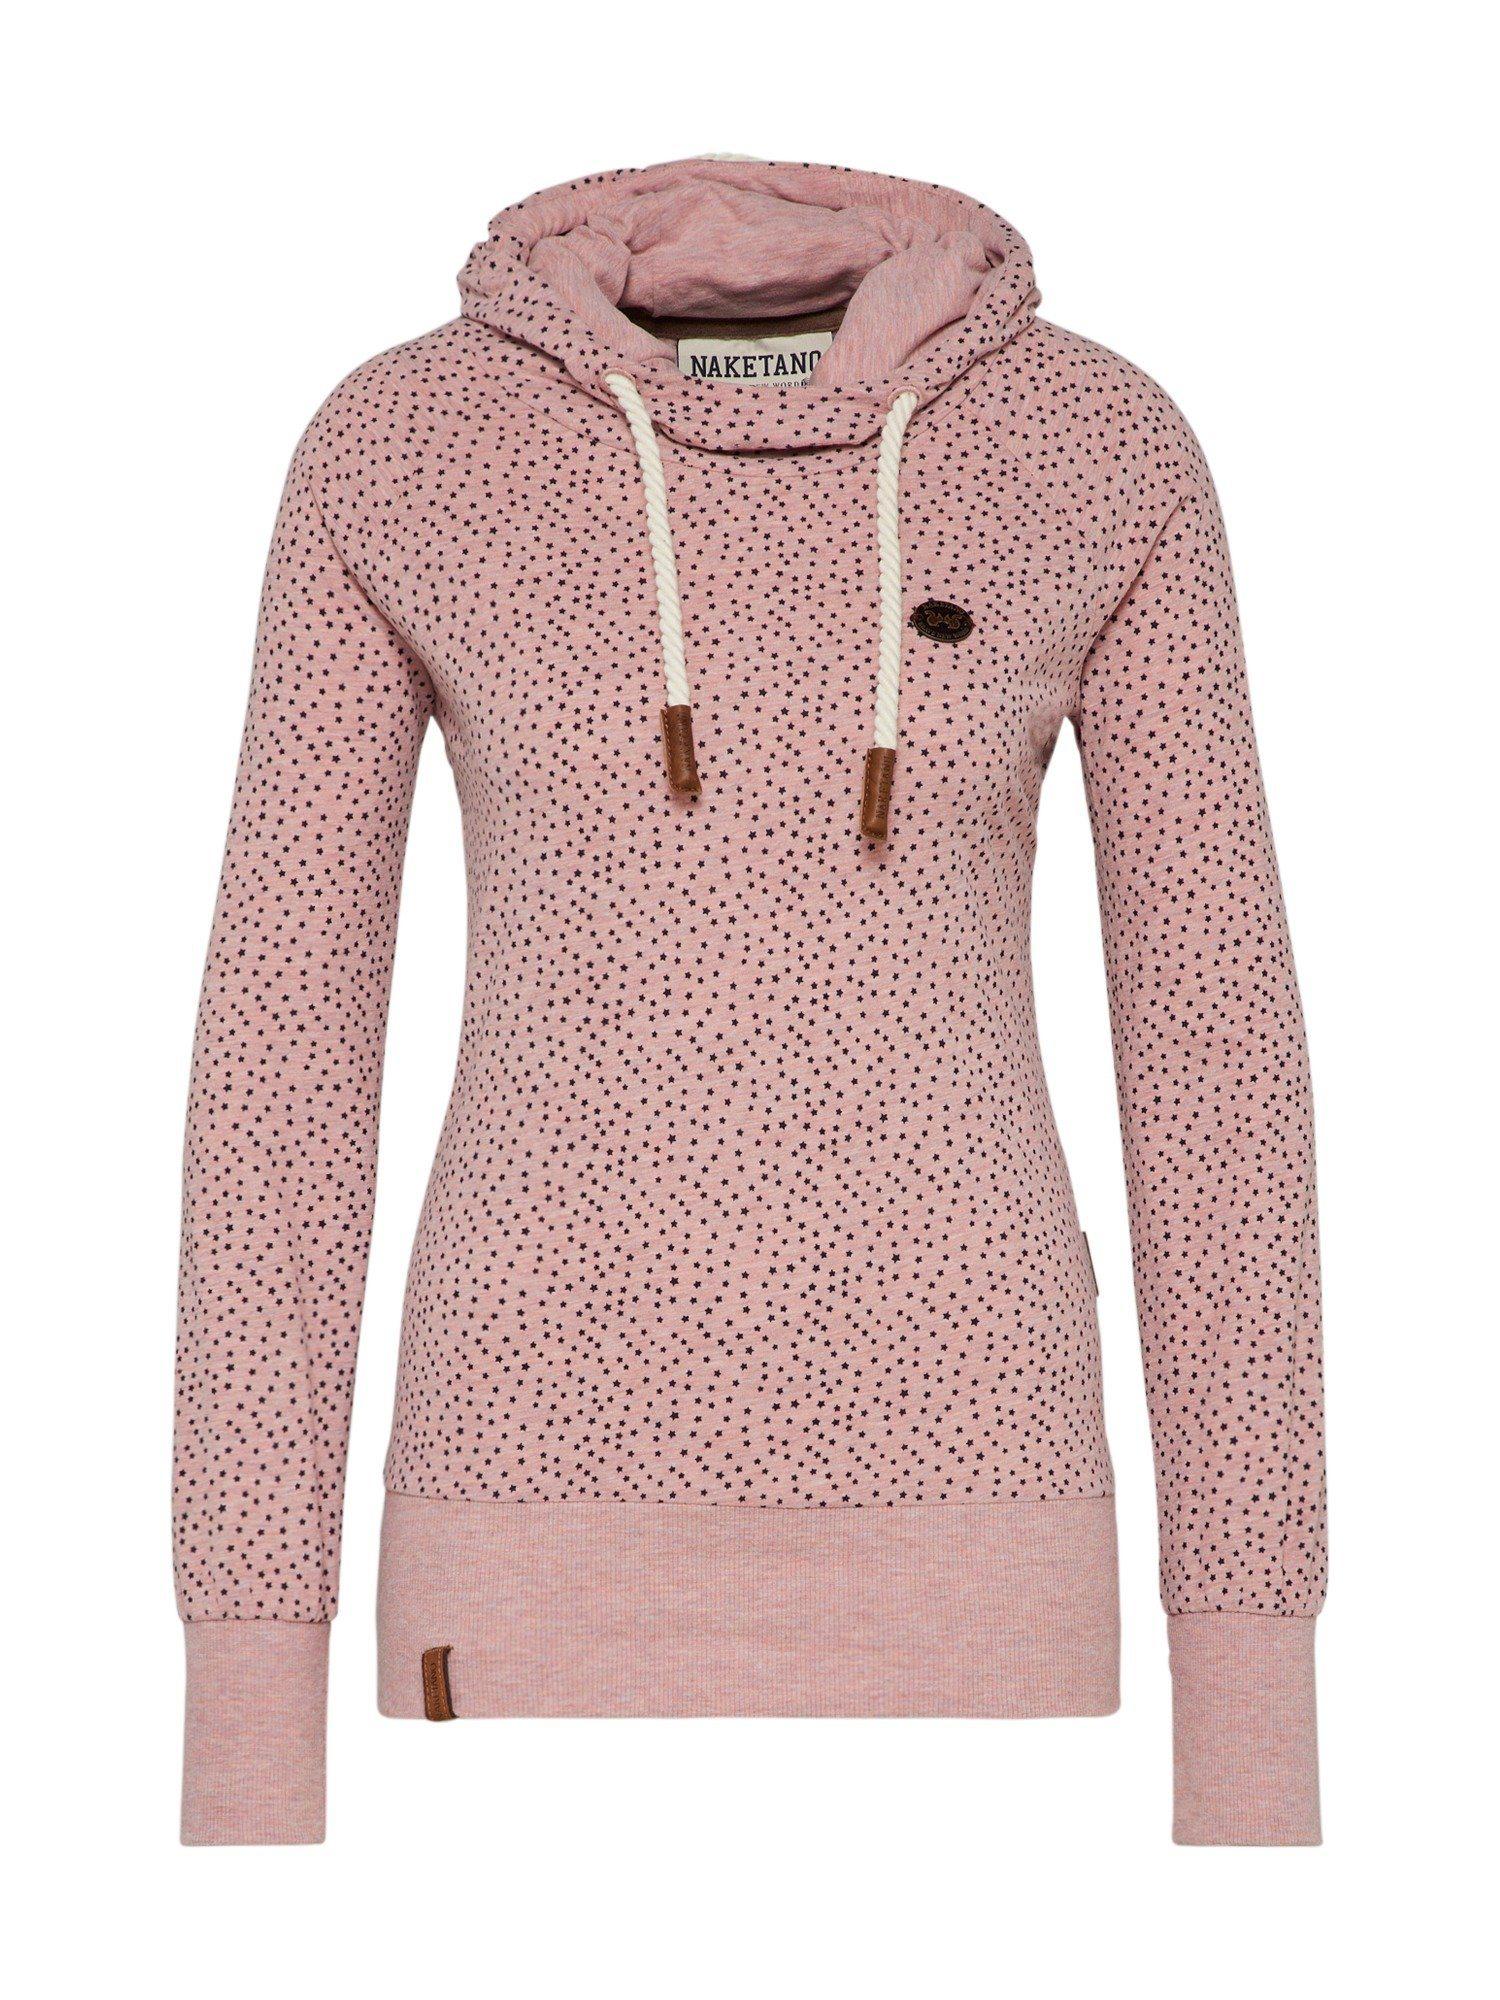 naketano Sweatshirt, Hoody mit überschlagenem Kragen und Allover Druck online kaufen | OTTO